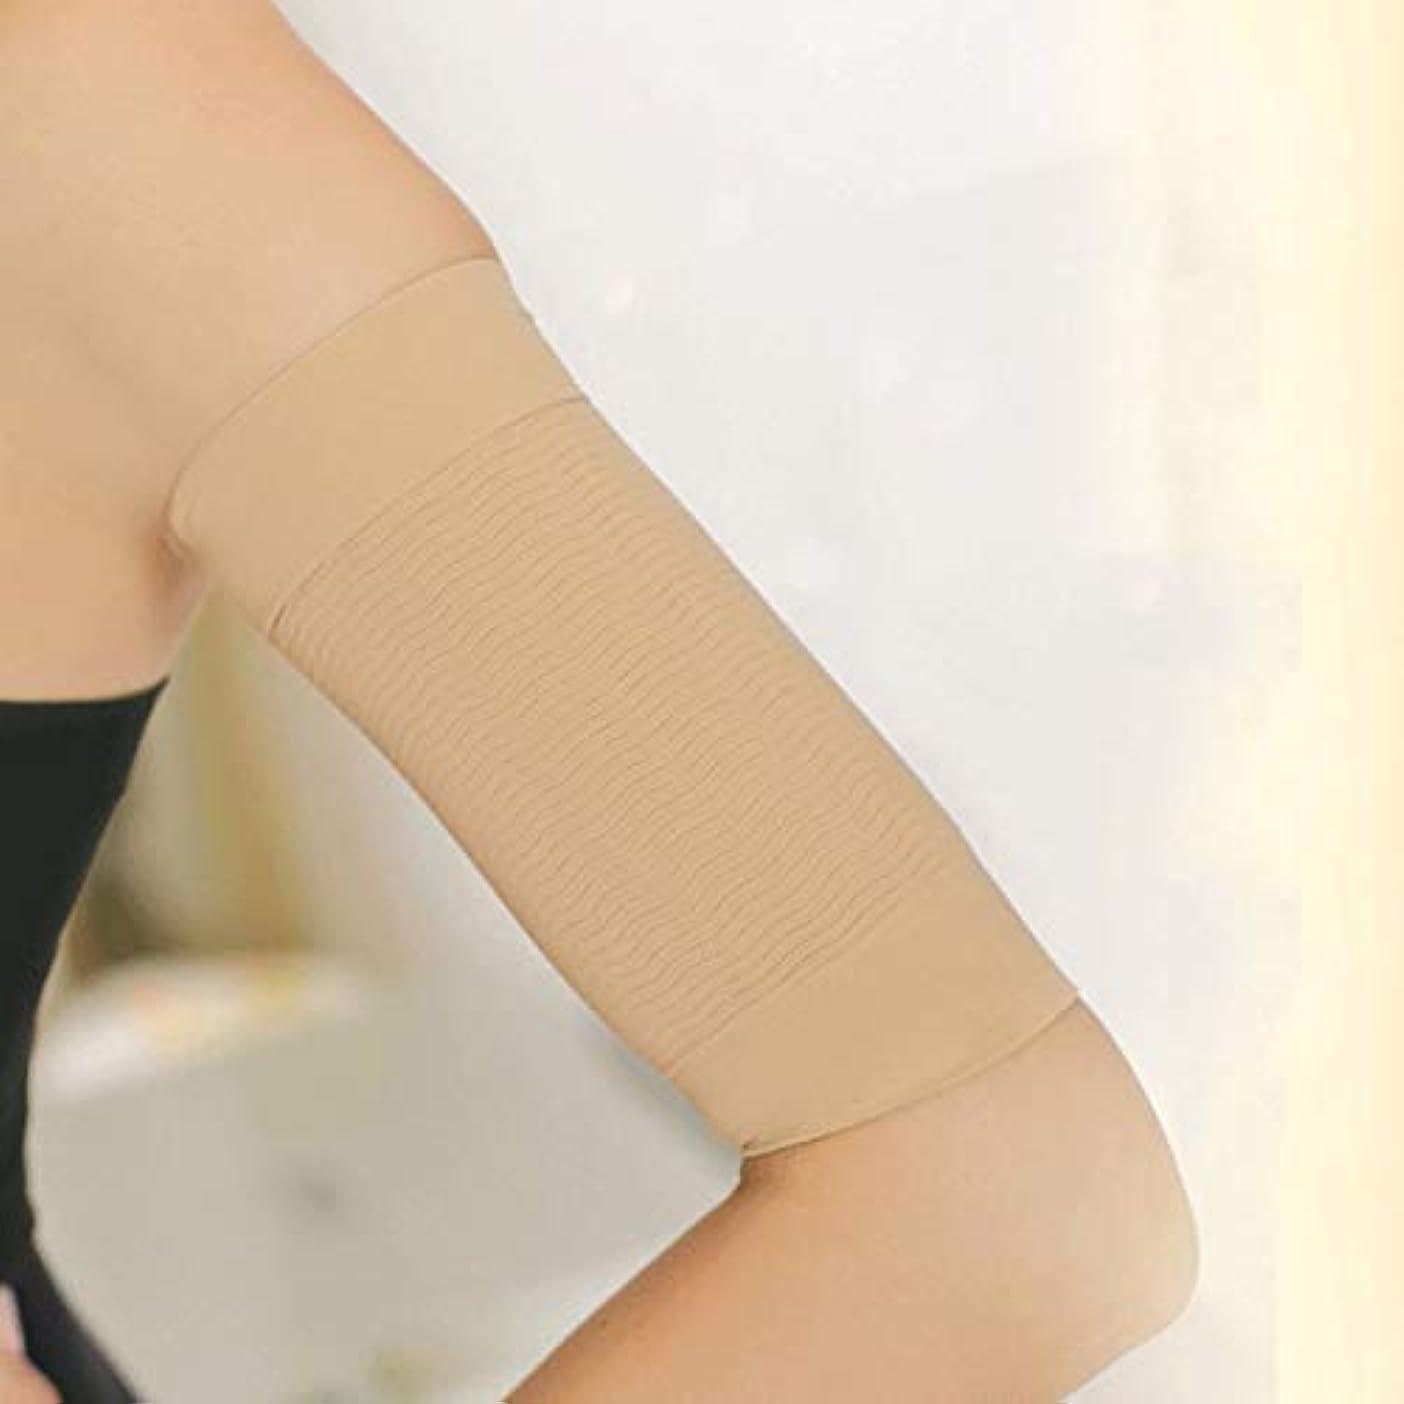 ブローホールせがむ申込み1ペア420 d圧縮痩身アームスリーブワークアウトトーニングバーンセルライトシェイパー脂肪燃焼袖用女性